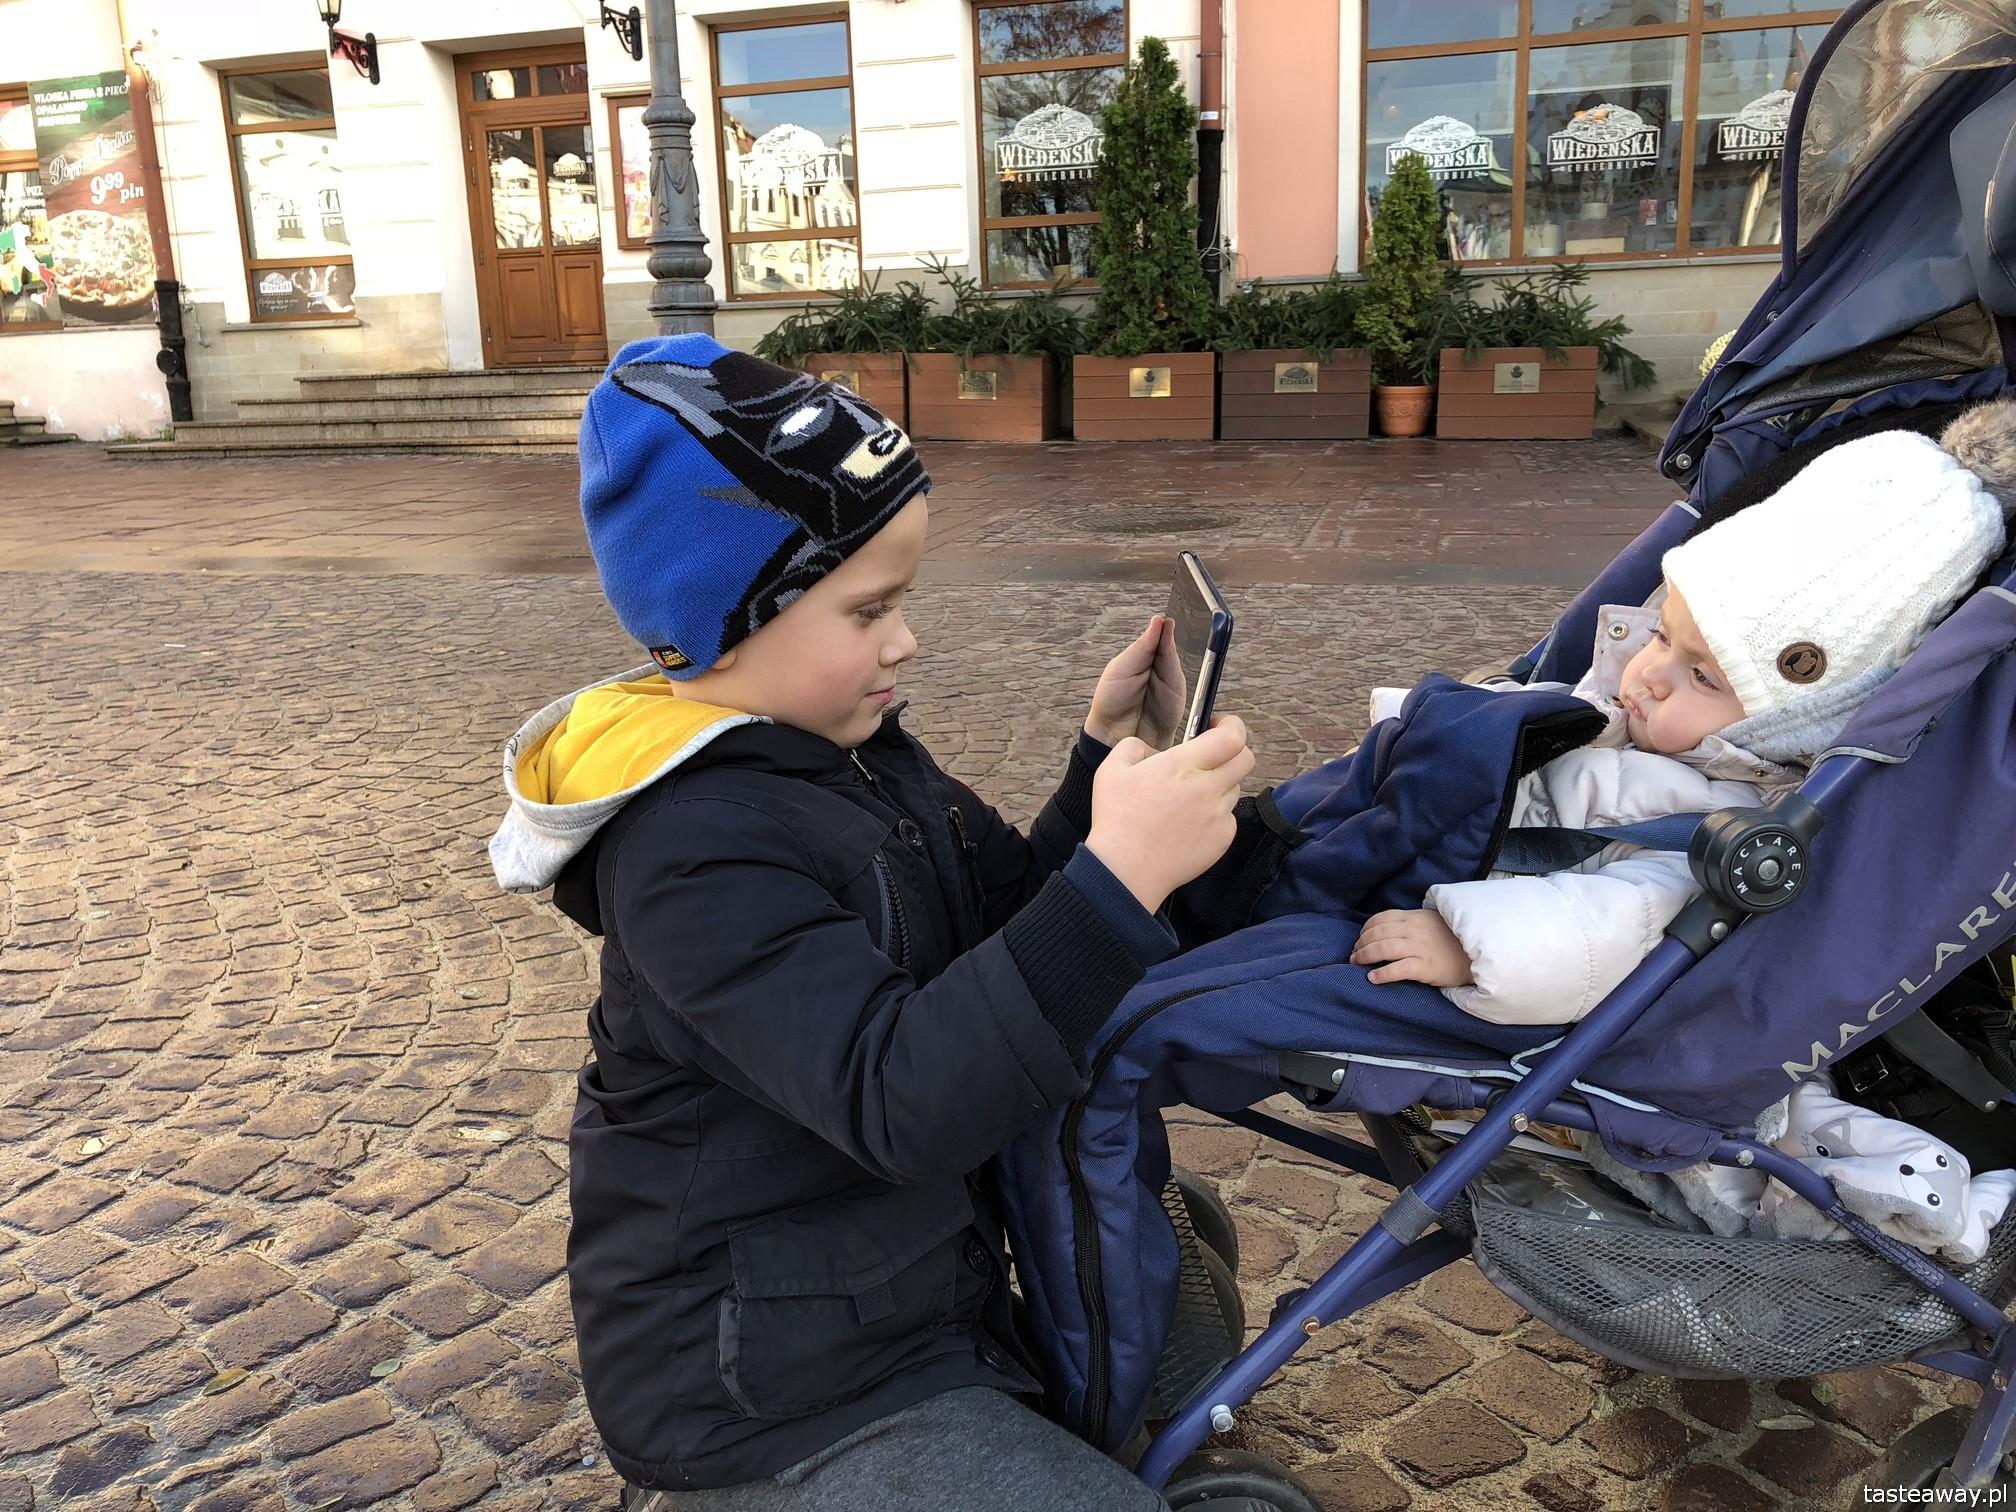 Rzeszów, co zobaczyć w Rzeszowie, Podkarpackie, rynek w Rzeszowie, podróżowanie z dziećmi